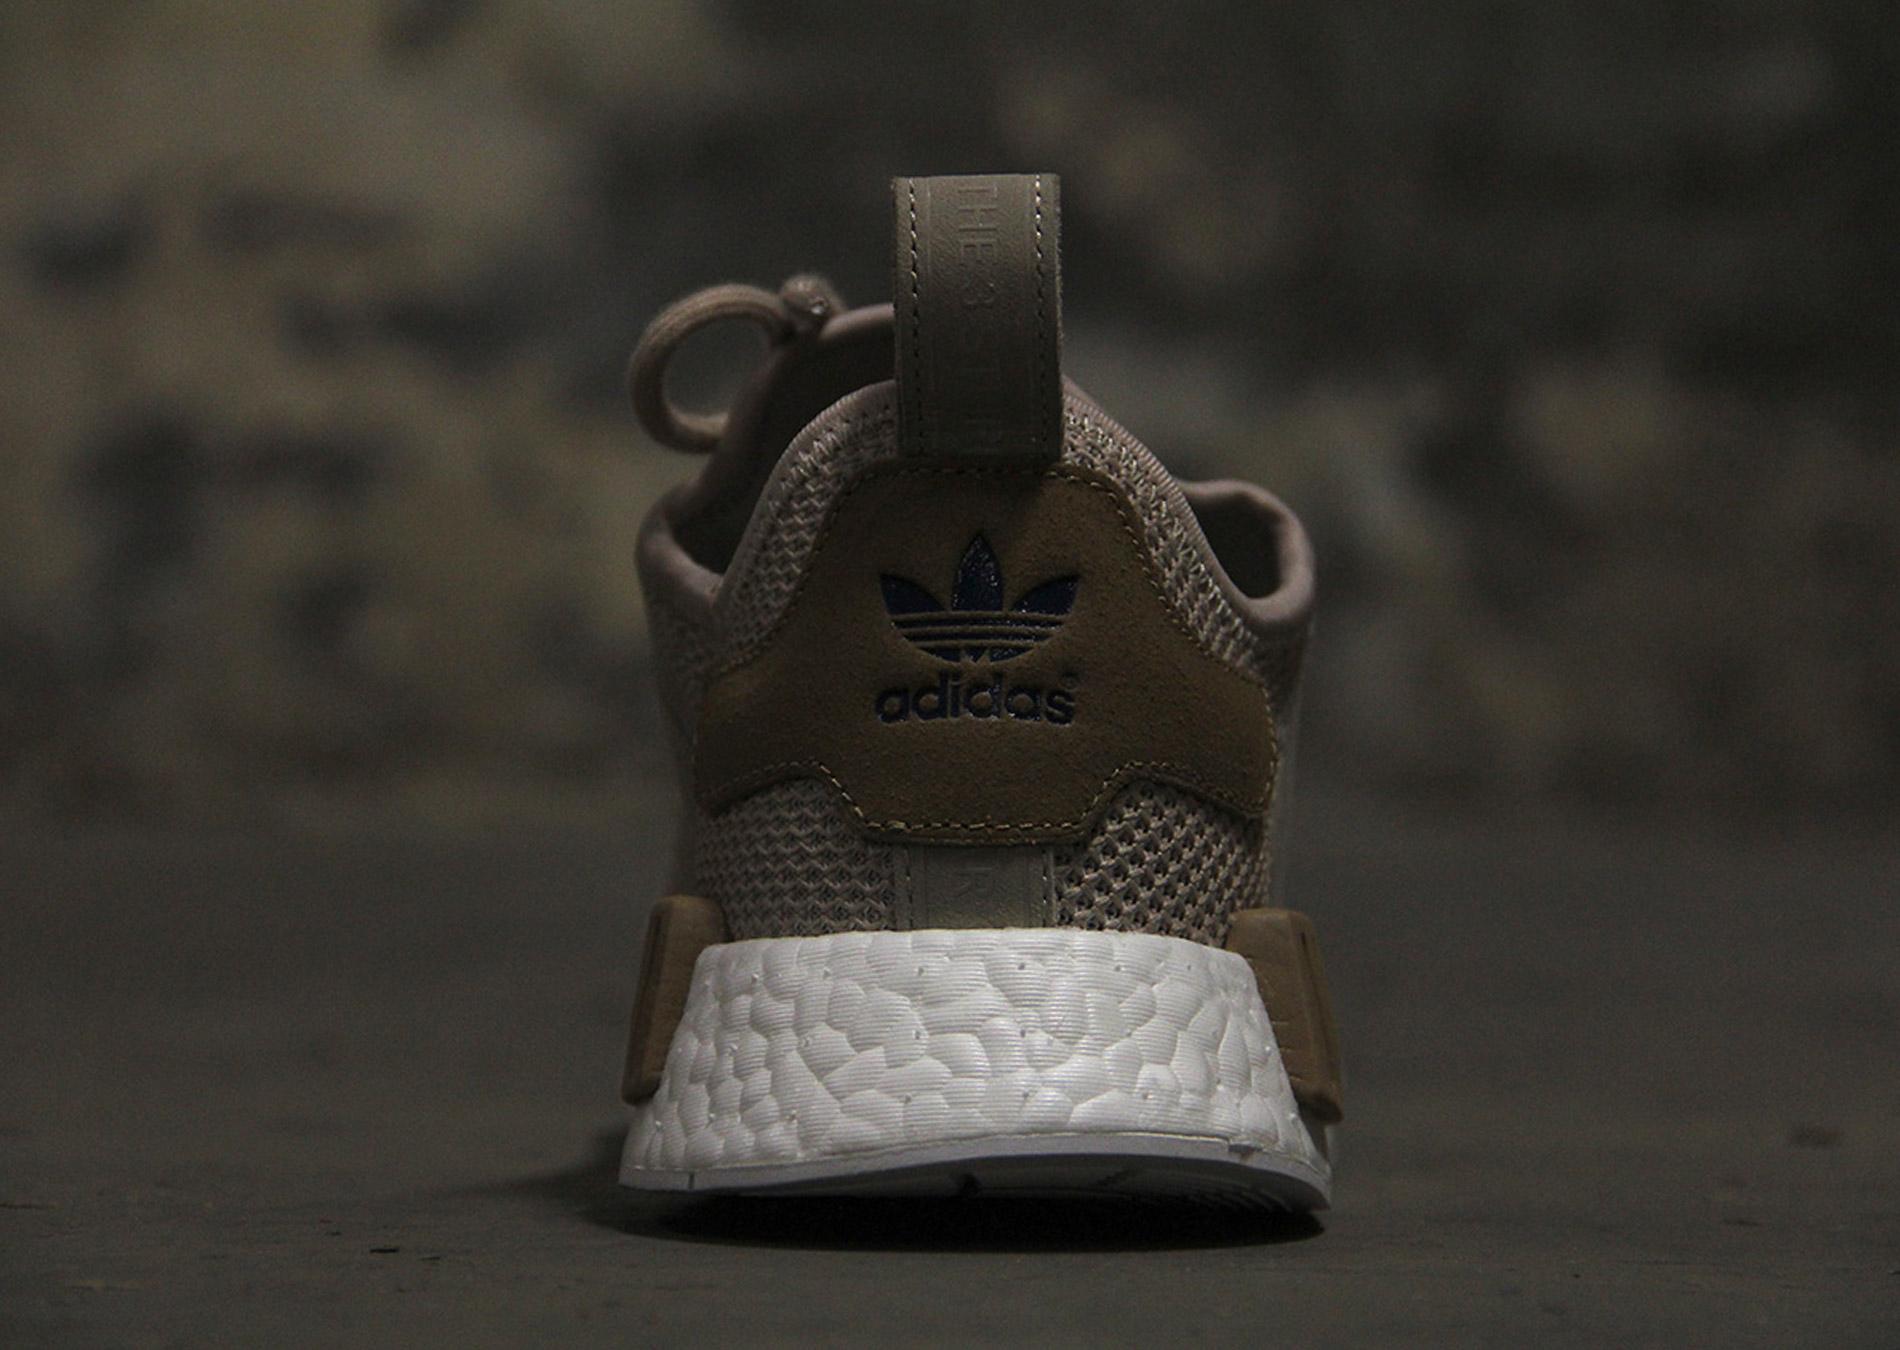 Adidas NMD Offspring Heel